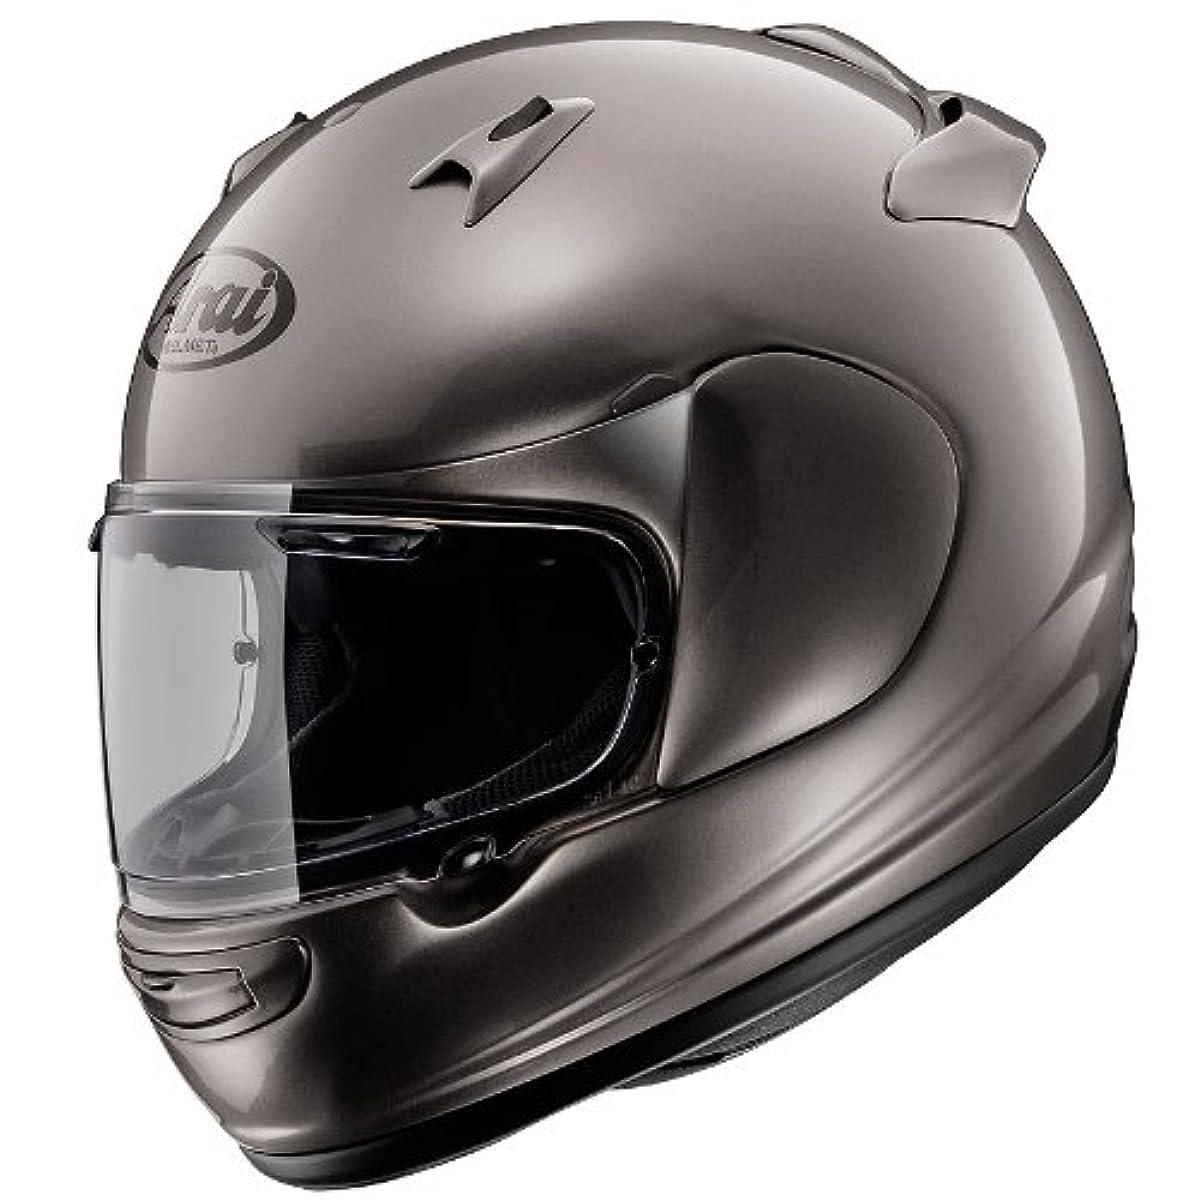 [해외] 아라이 오토바이 헬멧 풀 페이스 QUANTUM-J 레온 그레이 XL 61-62CM